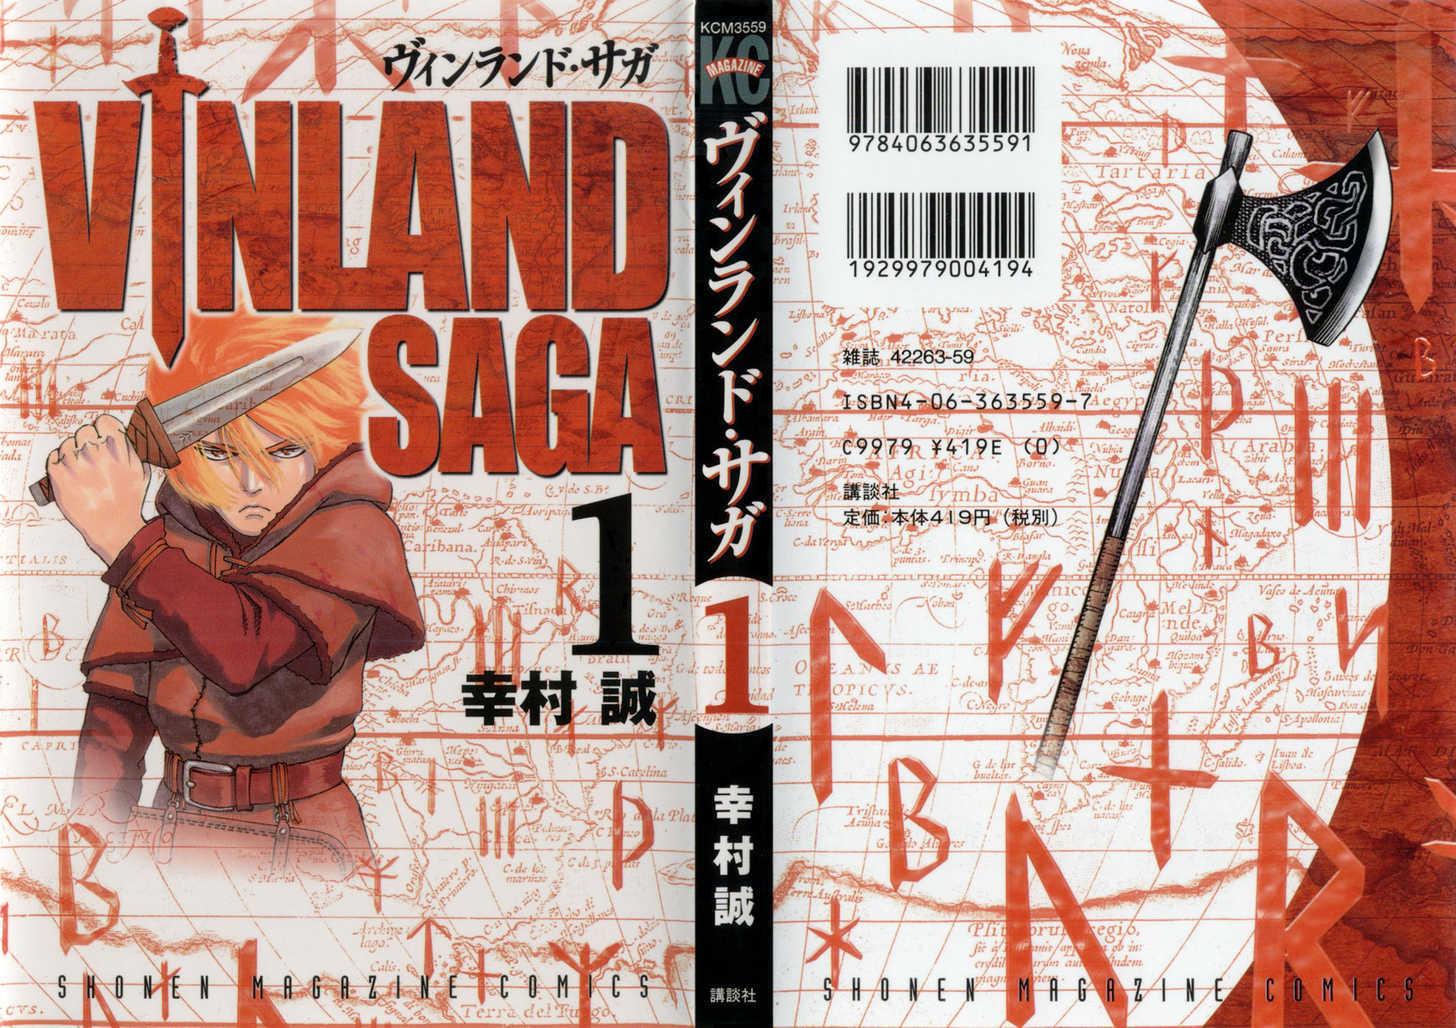 Vinland Saga 1 Page 1